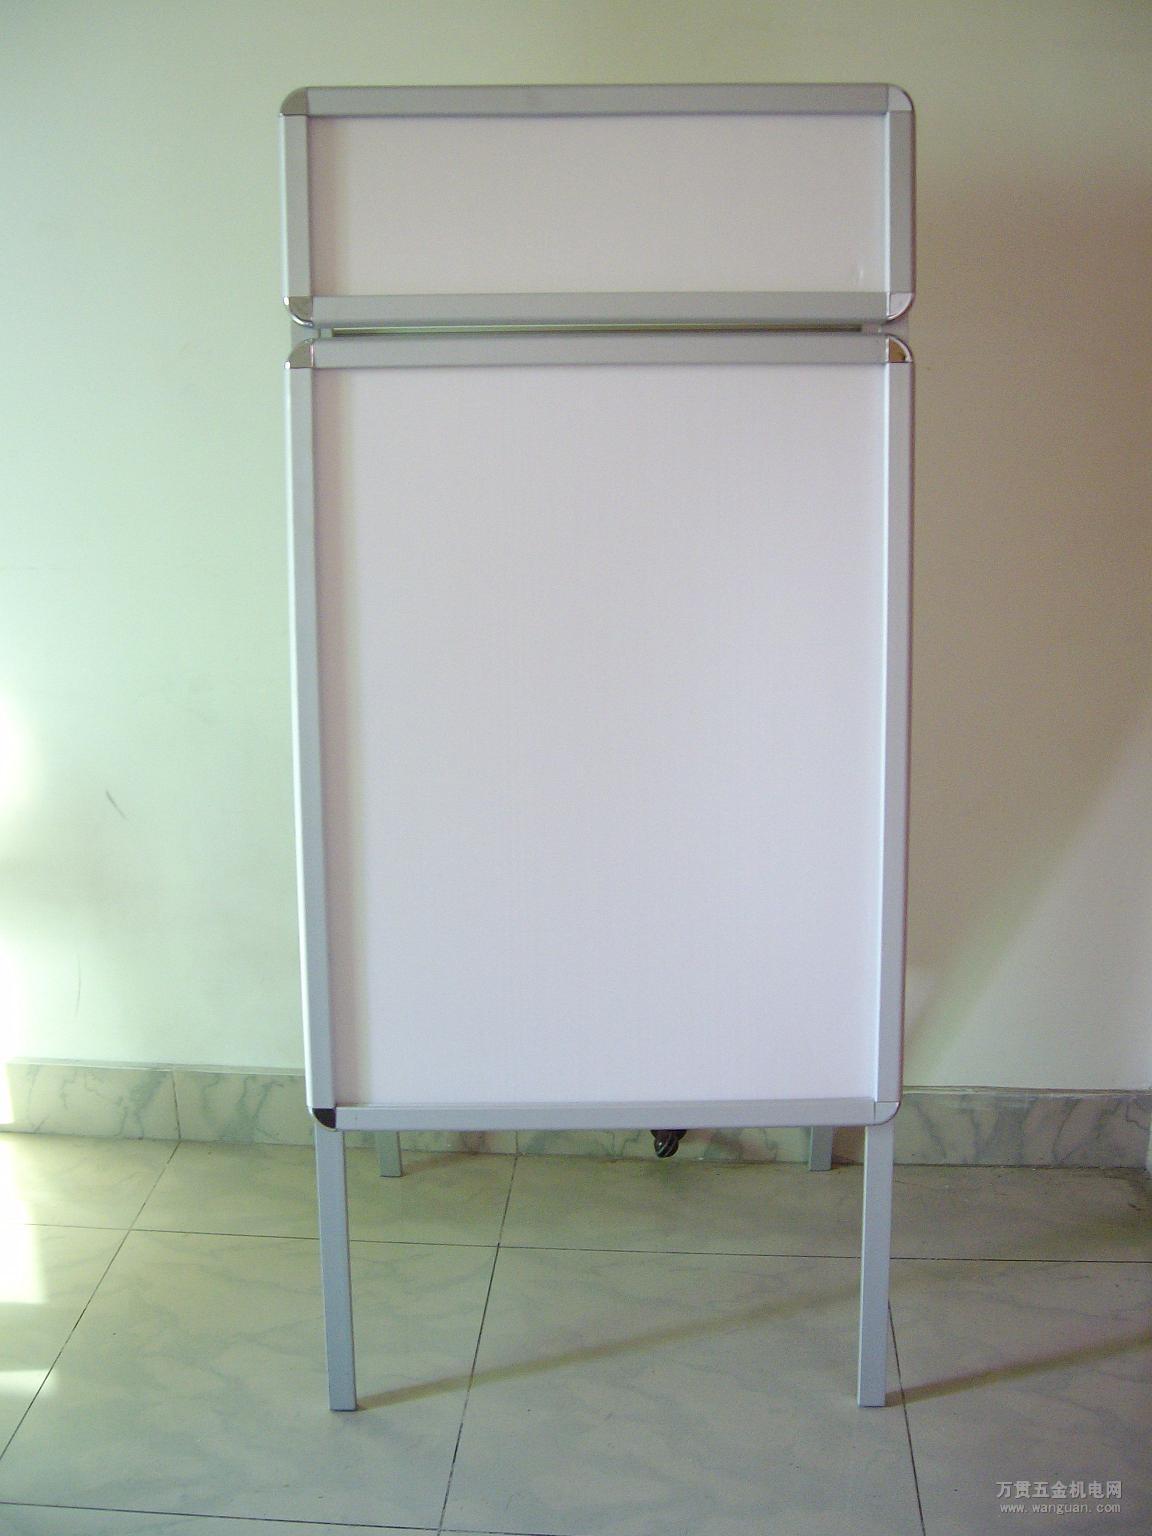 单面超薄灯箱铝材工厂,划算的单面超薄灯箱首选恒本铝材厂